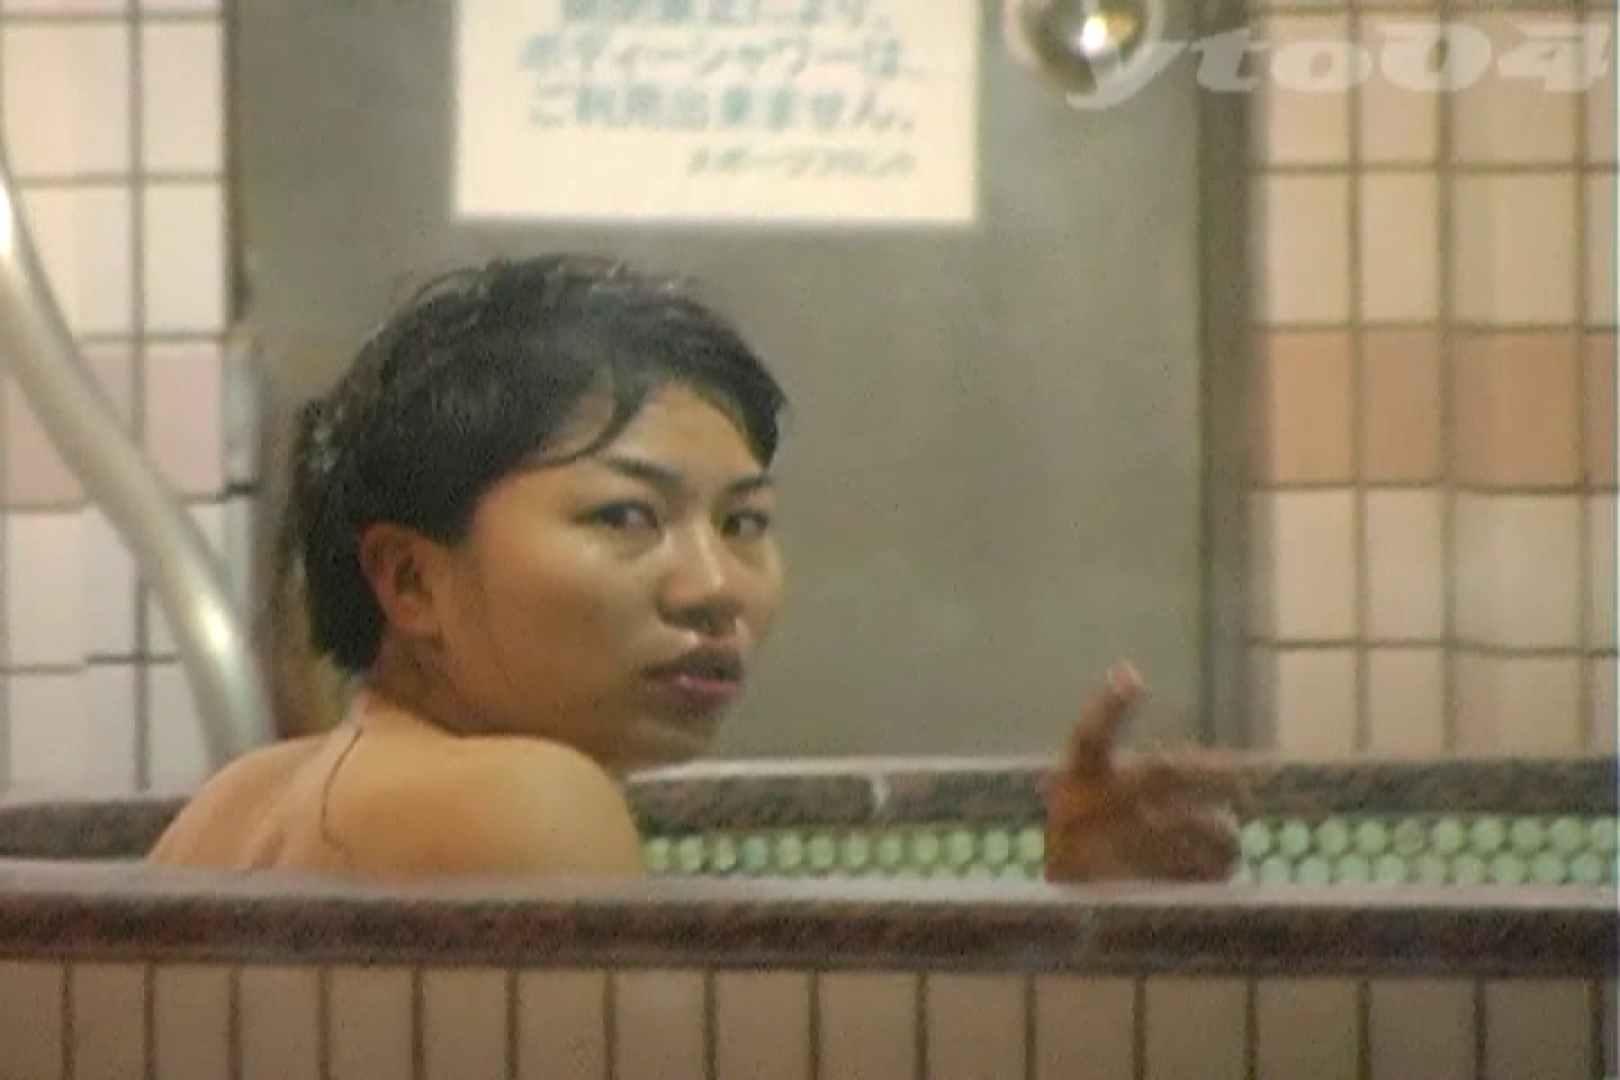 ▲復活限定▲合宿ホテル女風呂盗撮 Vol.24 OLのボディ  50PIX 18